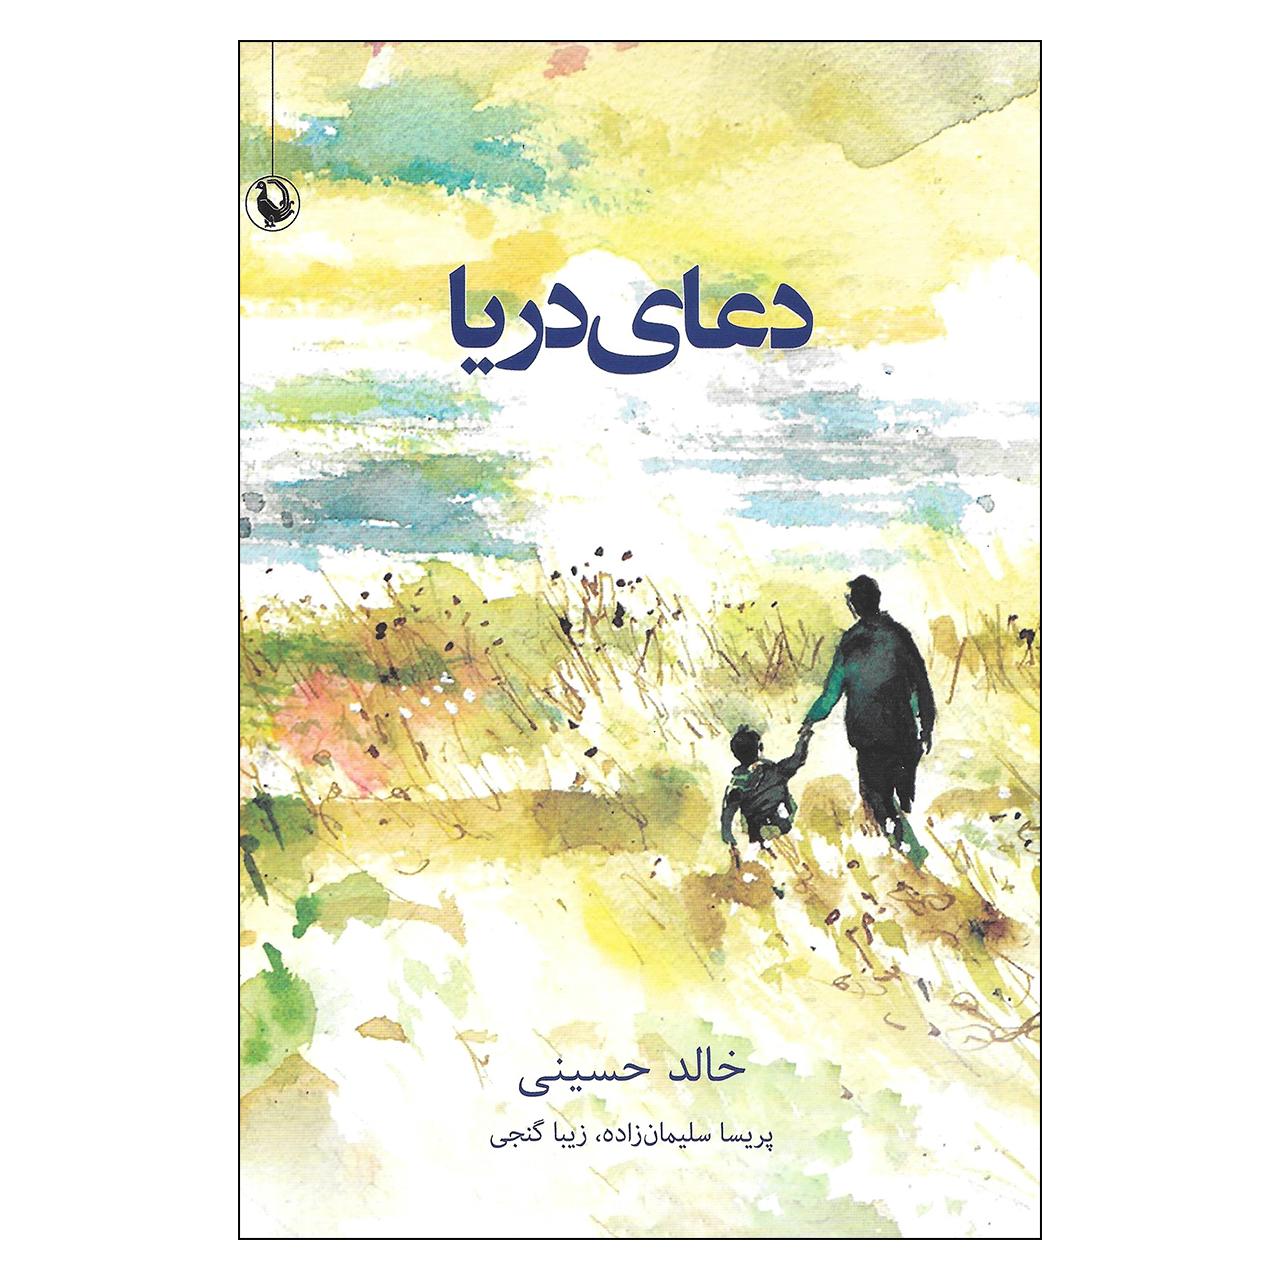 کتاب دعای دریا اثر خالد حسینی انتشارات مروارید